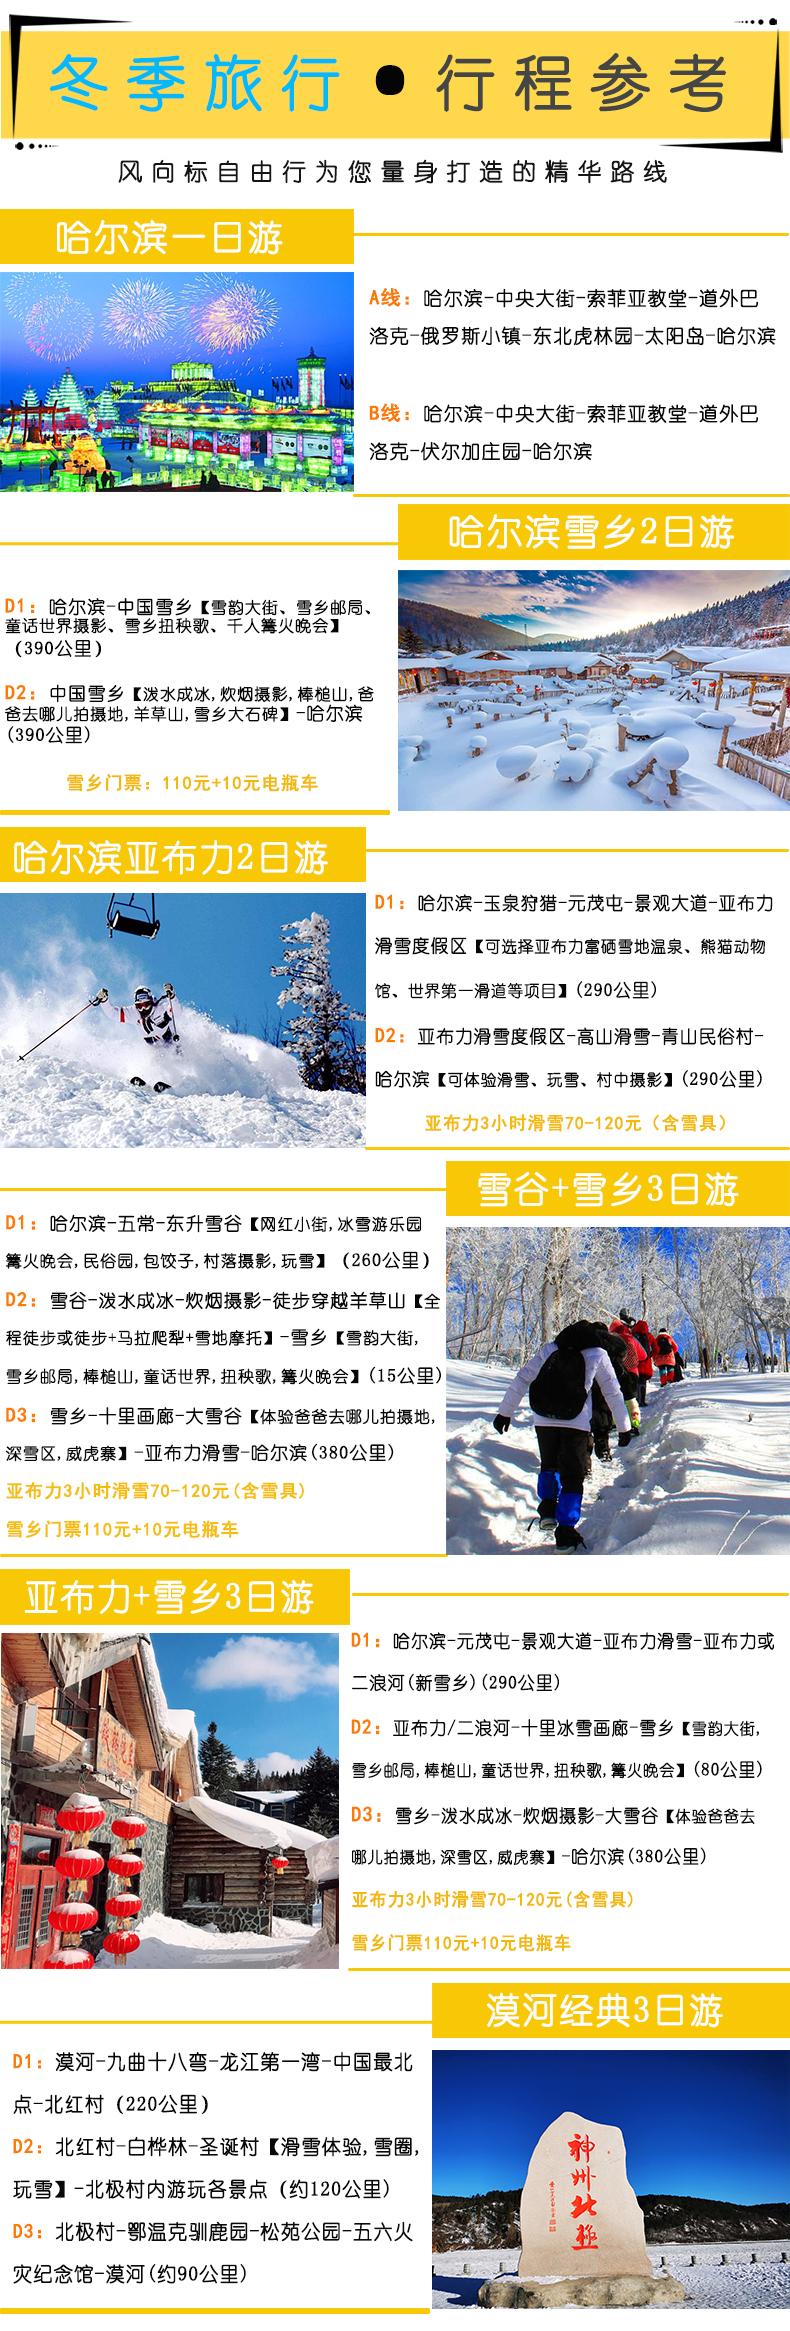 雪乡包车,雪乡旅游包车,雪乡自由行包车